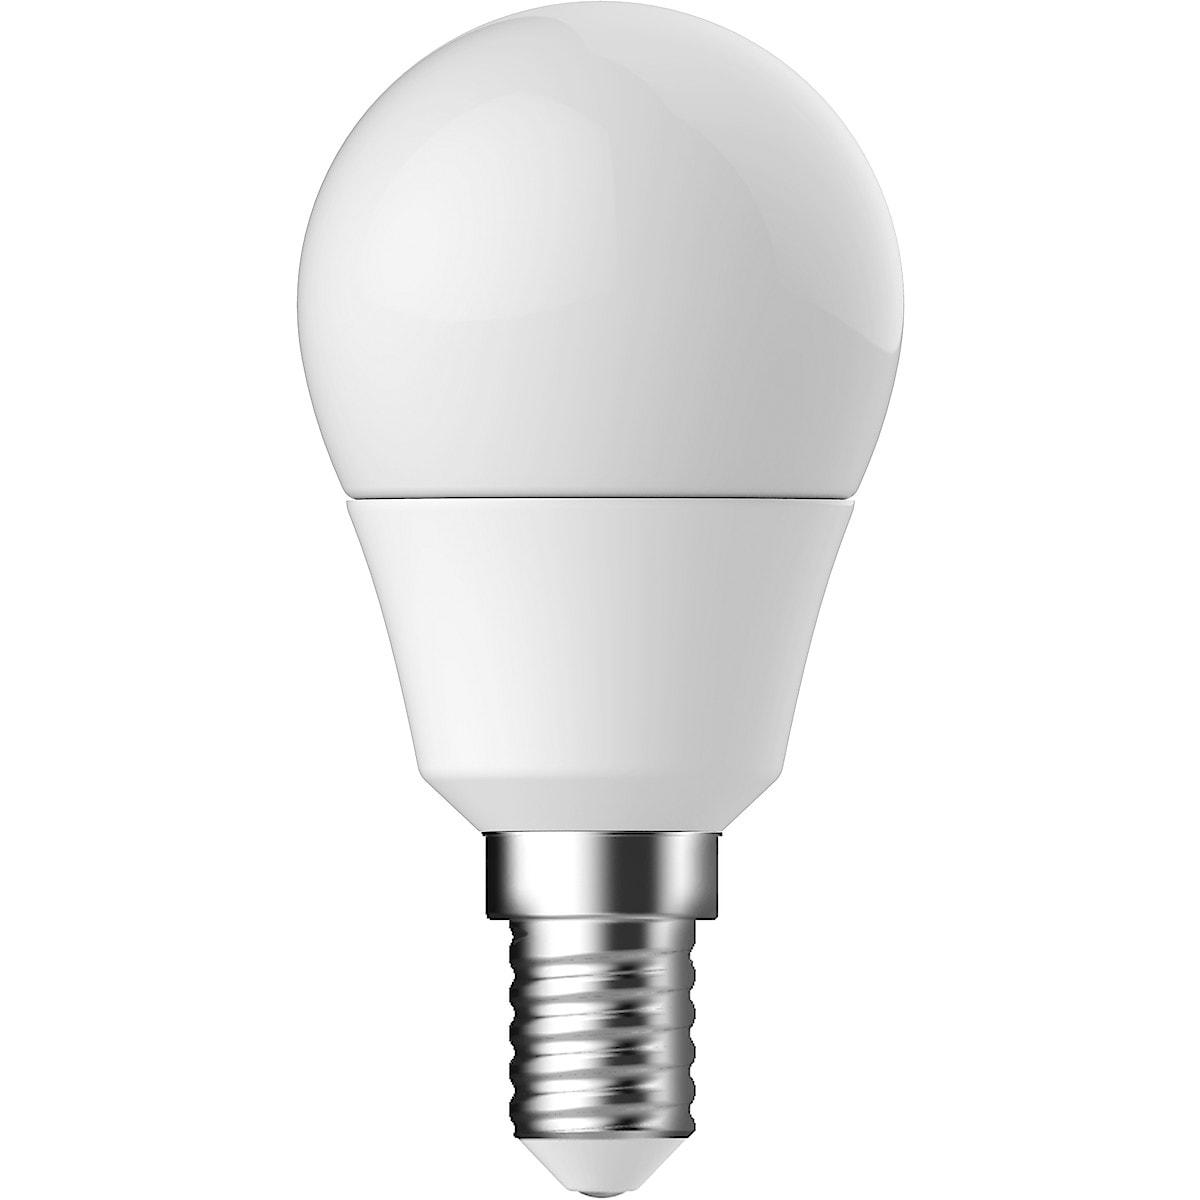 Klotlampa LED kallvit E14 Clas Ohlson